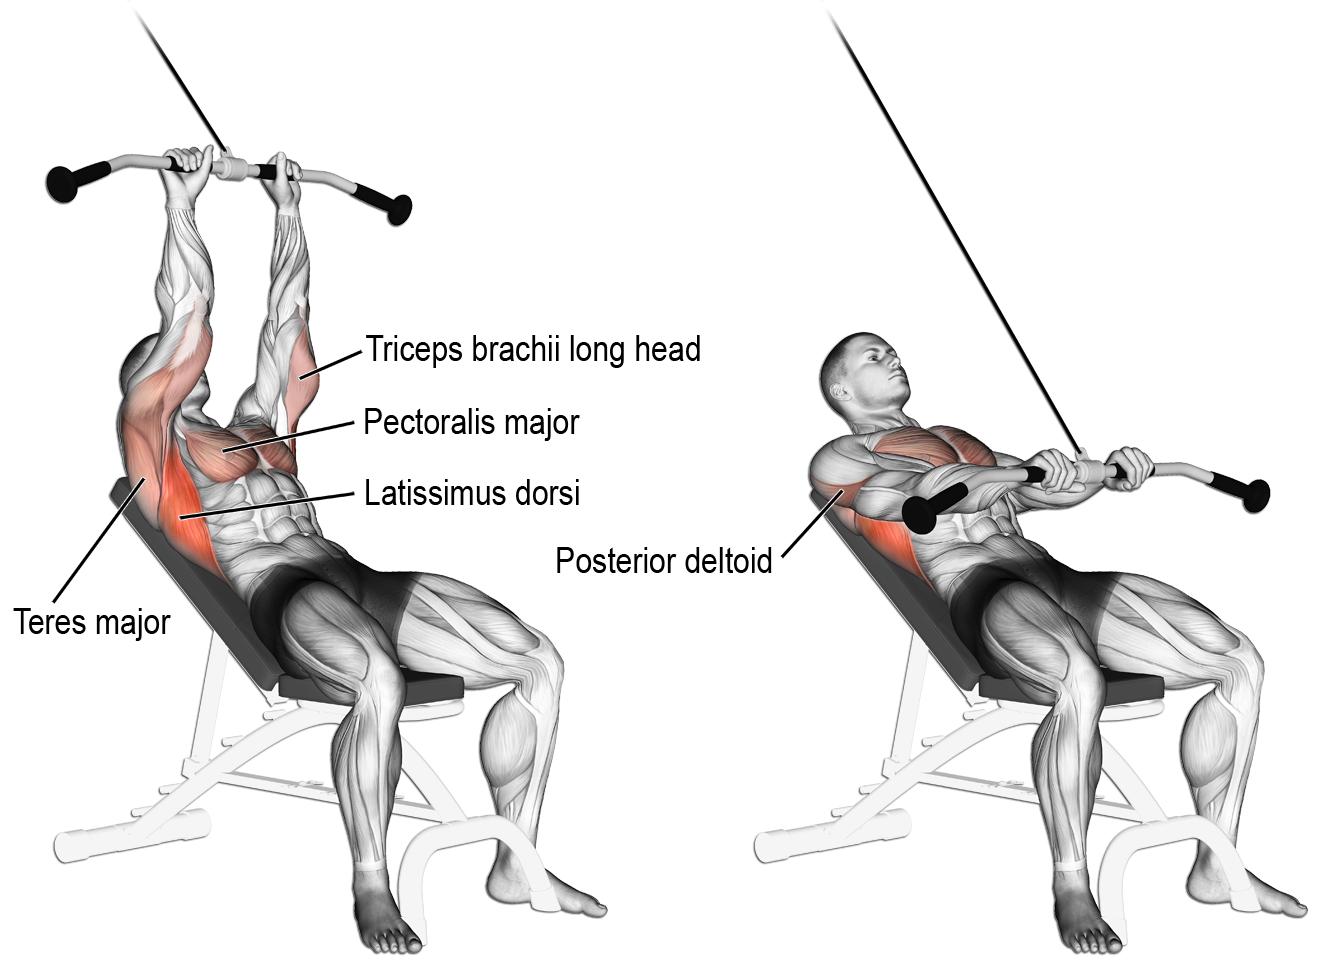 Comment Effectuer Le Pull Over Pour Le Dos Sur Banc Musculation